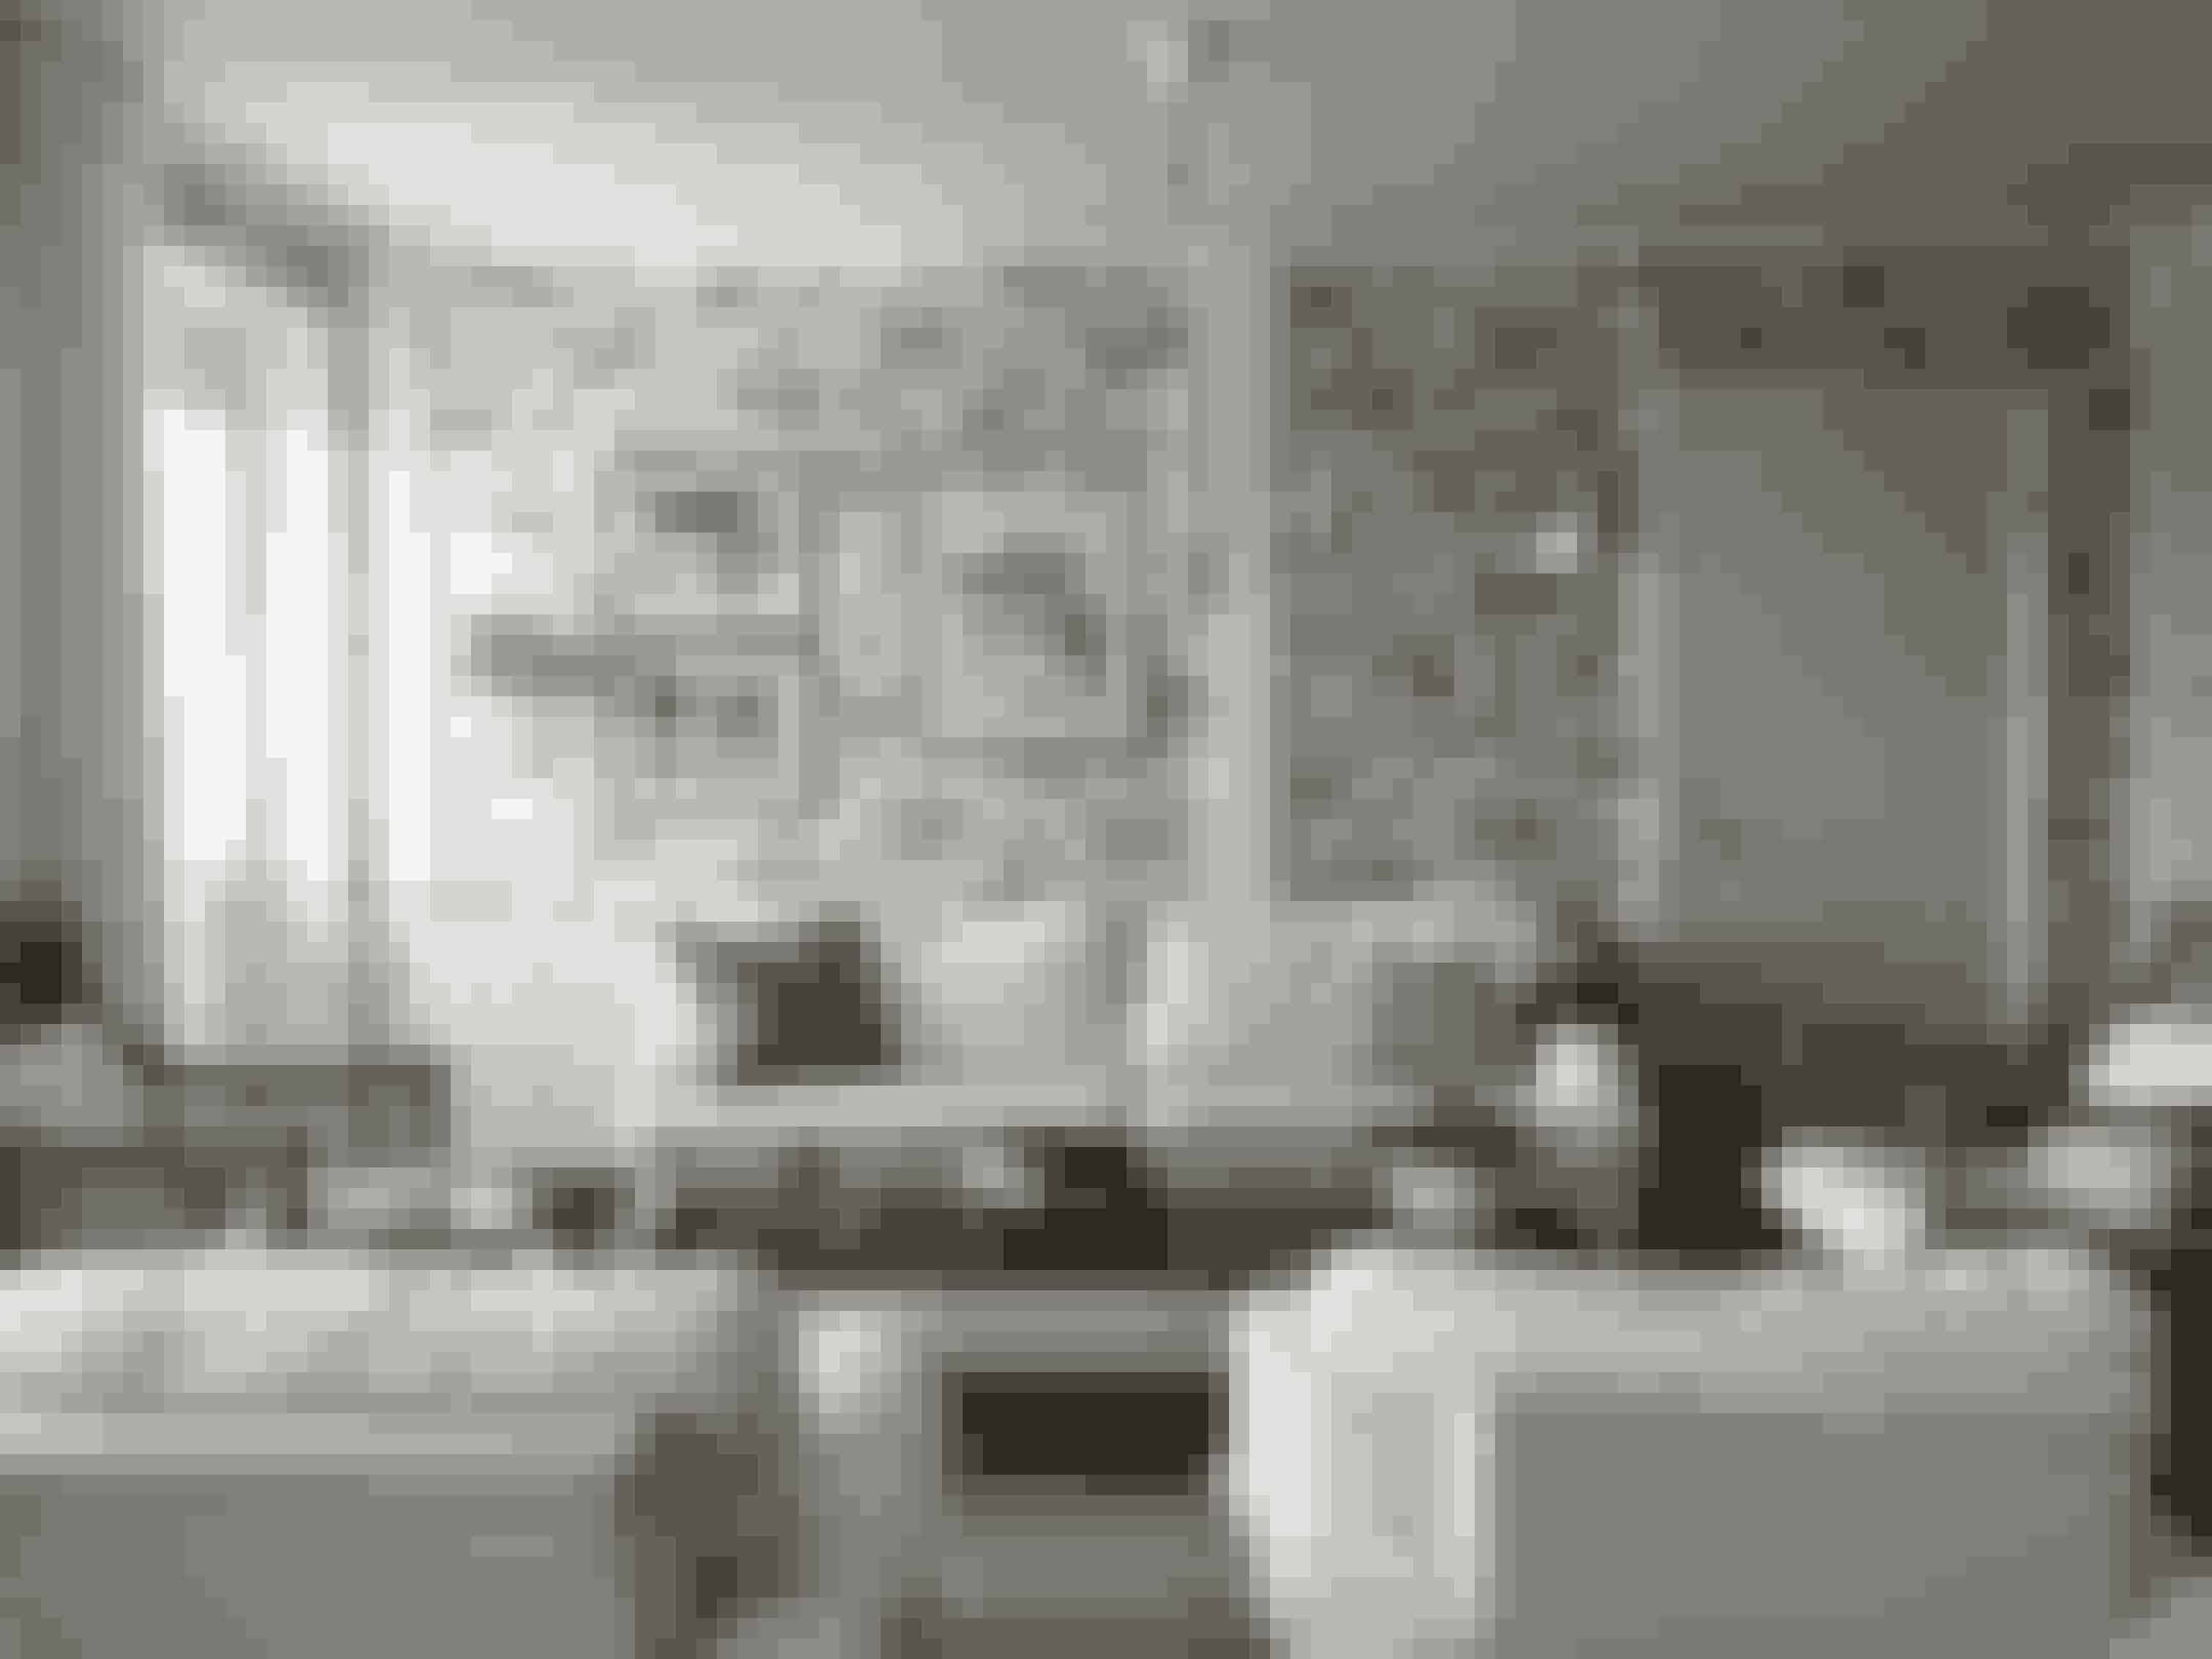 Tro os, du vil gerne bo på værelse 323, når du besøger Ystad.